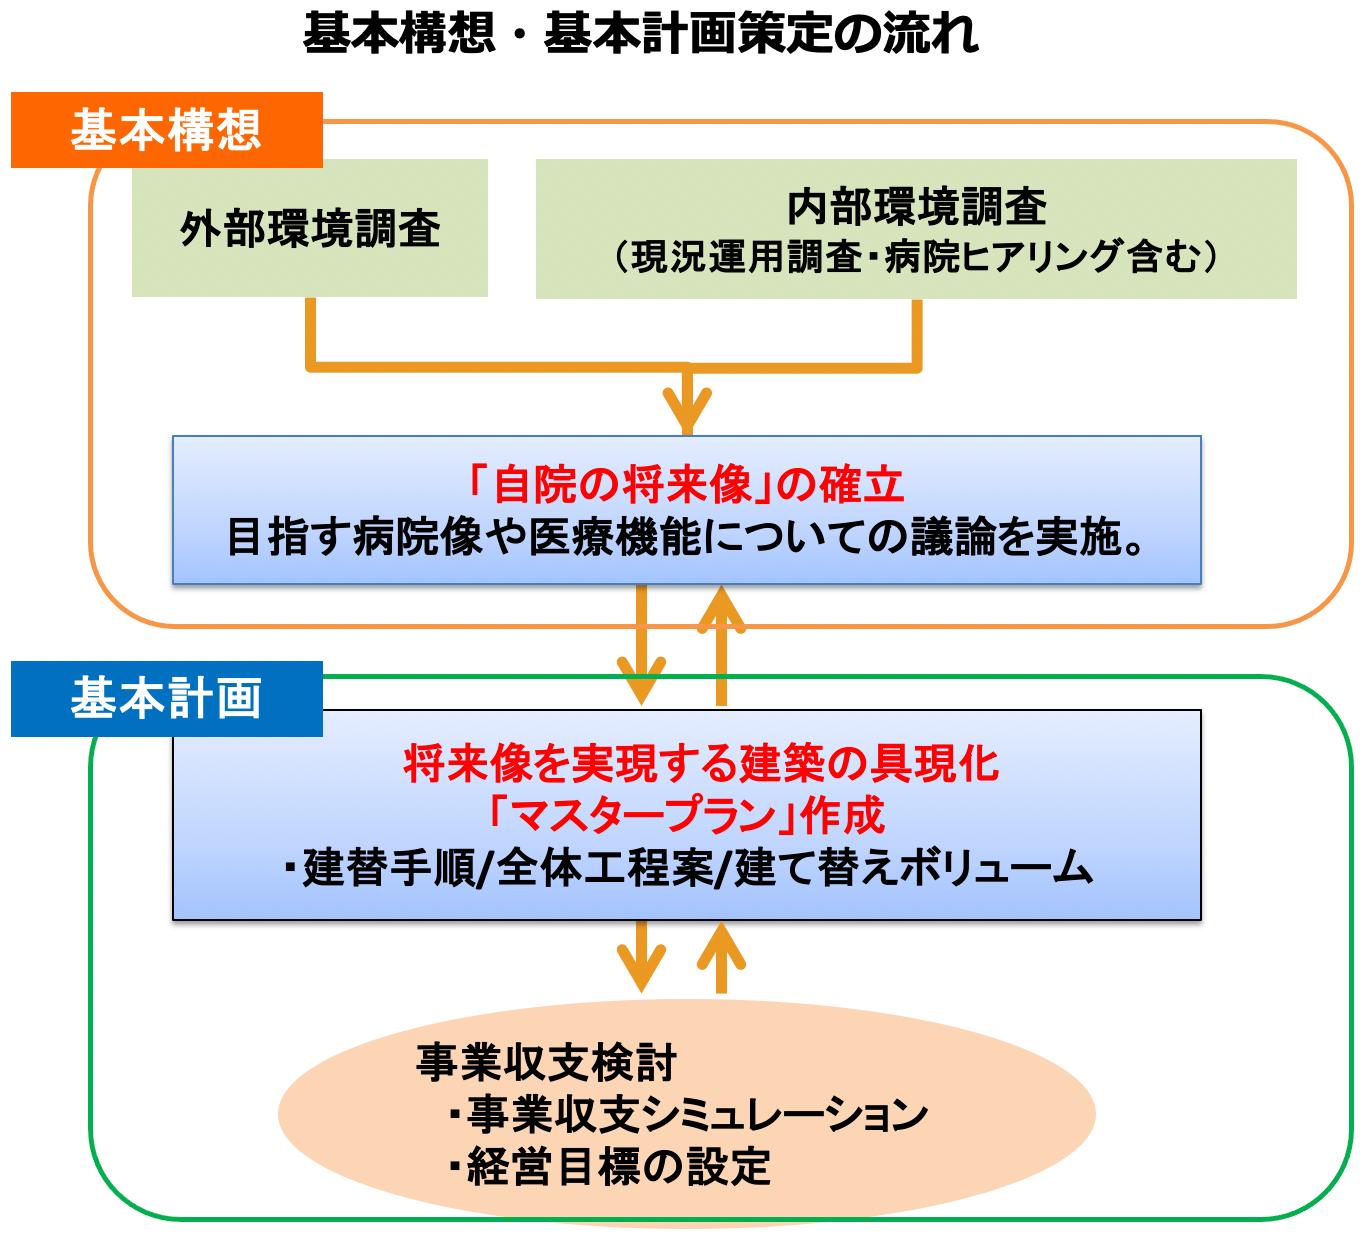 基本構想・基本計画策定の流れ